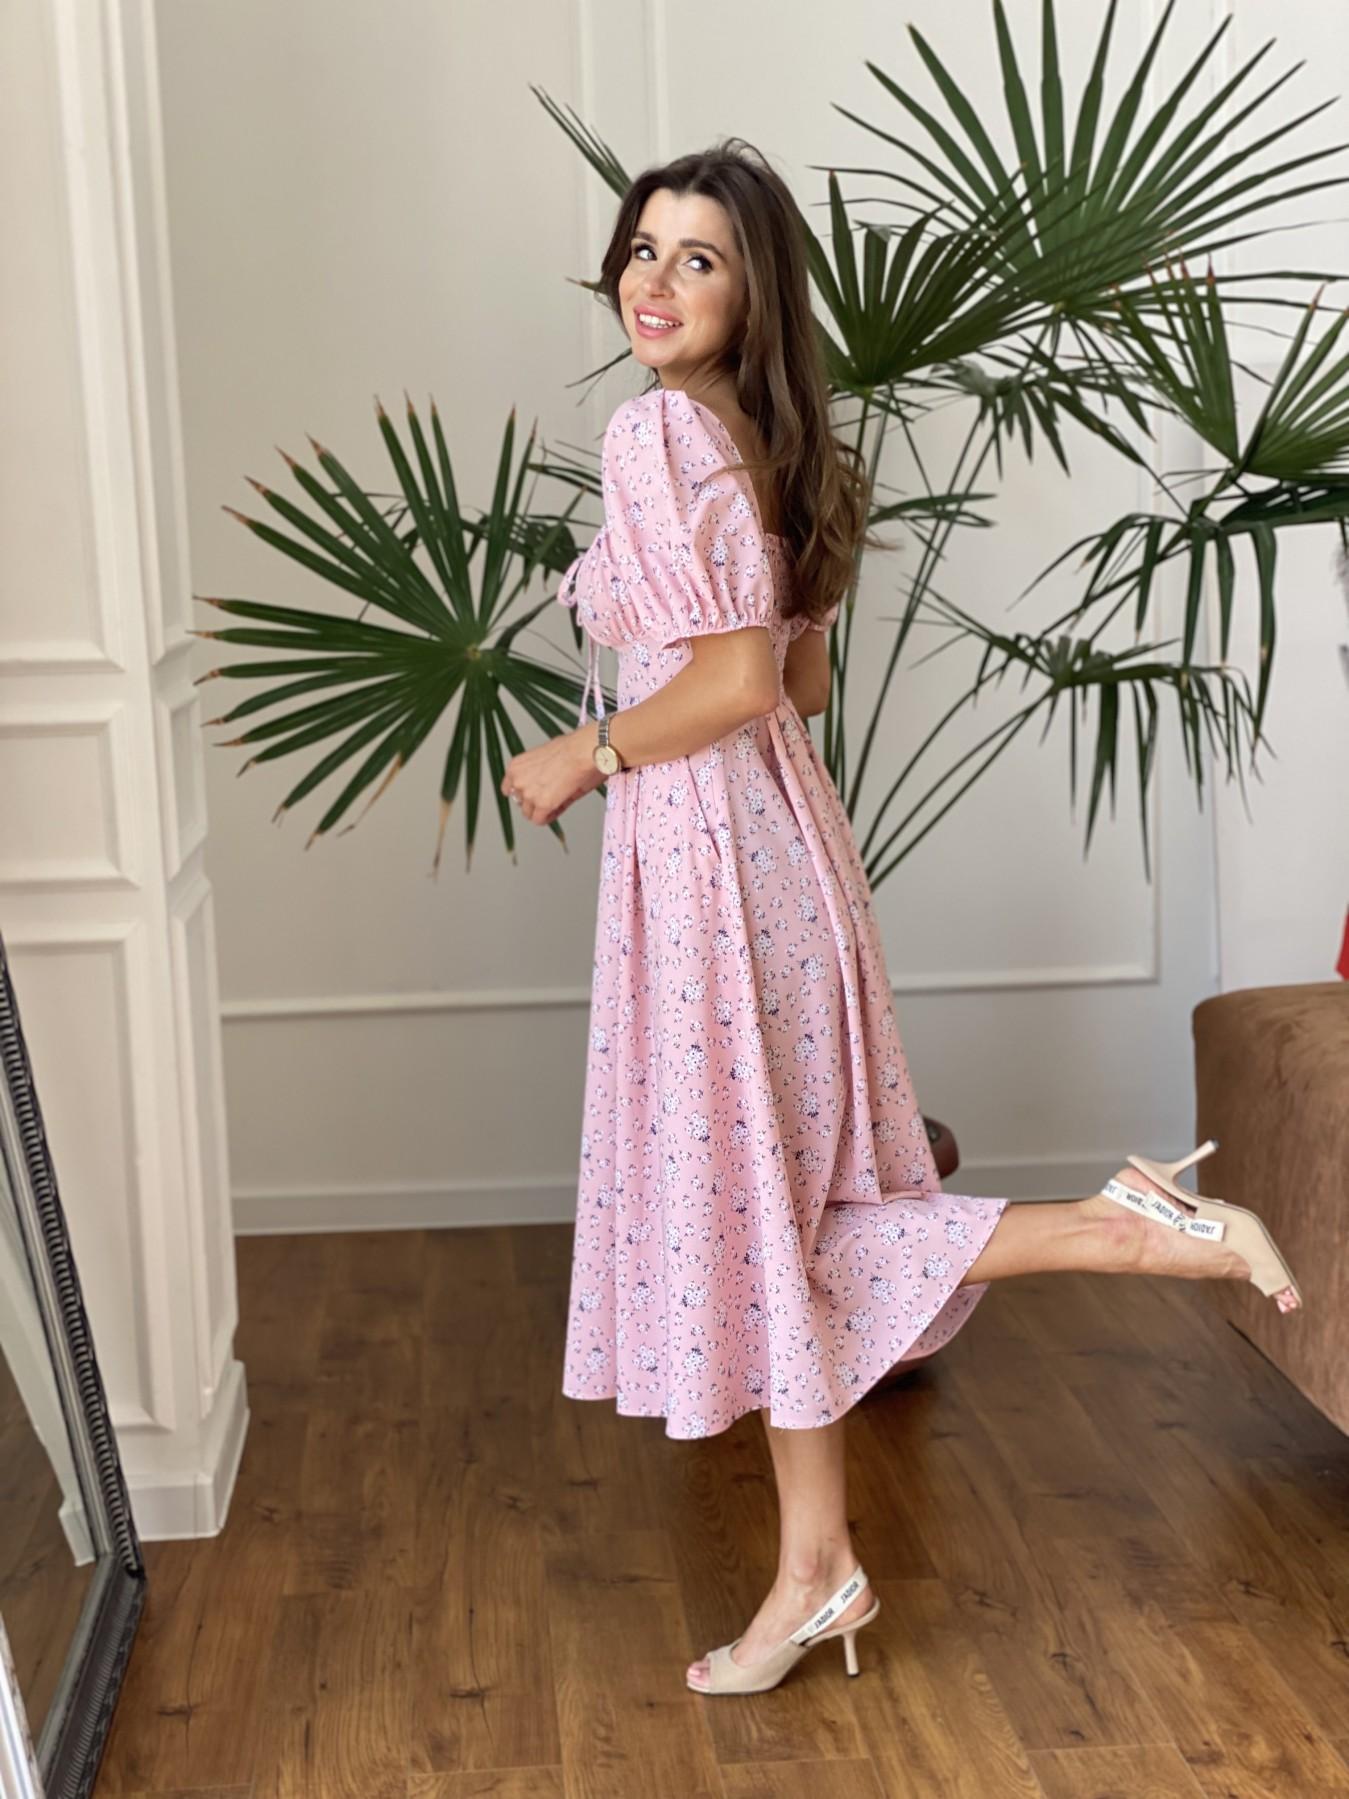 Кисес Миди платье из софт ткани в принт 11348 АРТ. 48189 Цвет: Пудра/белый/синийЦвМелк - фото 4, интернет магазин tm-modus.ru